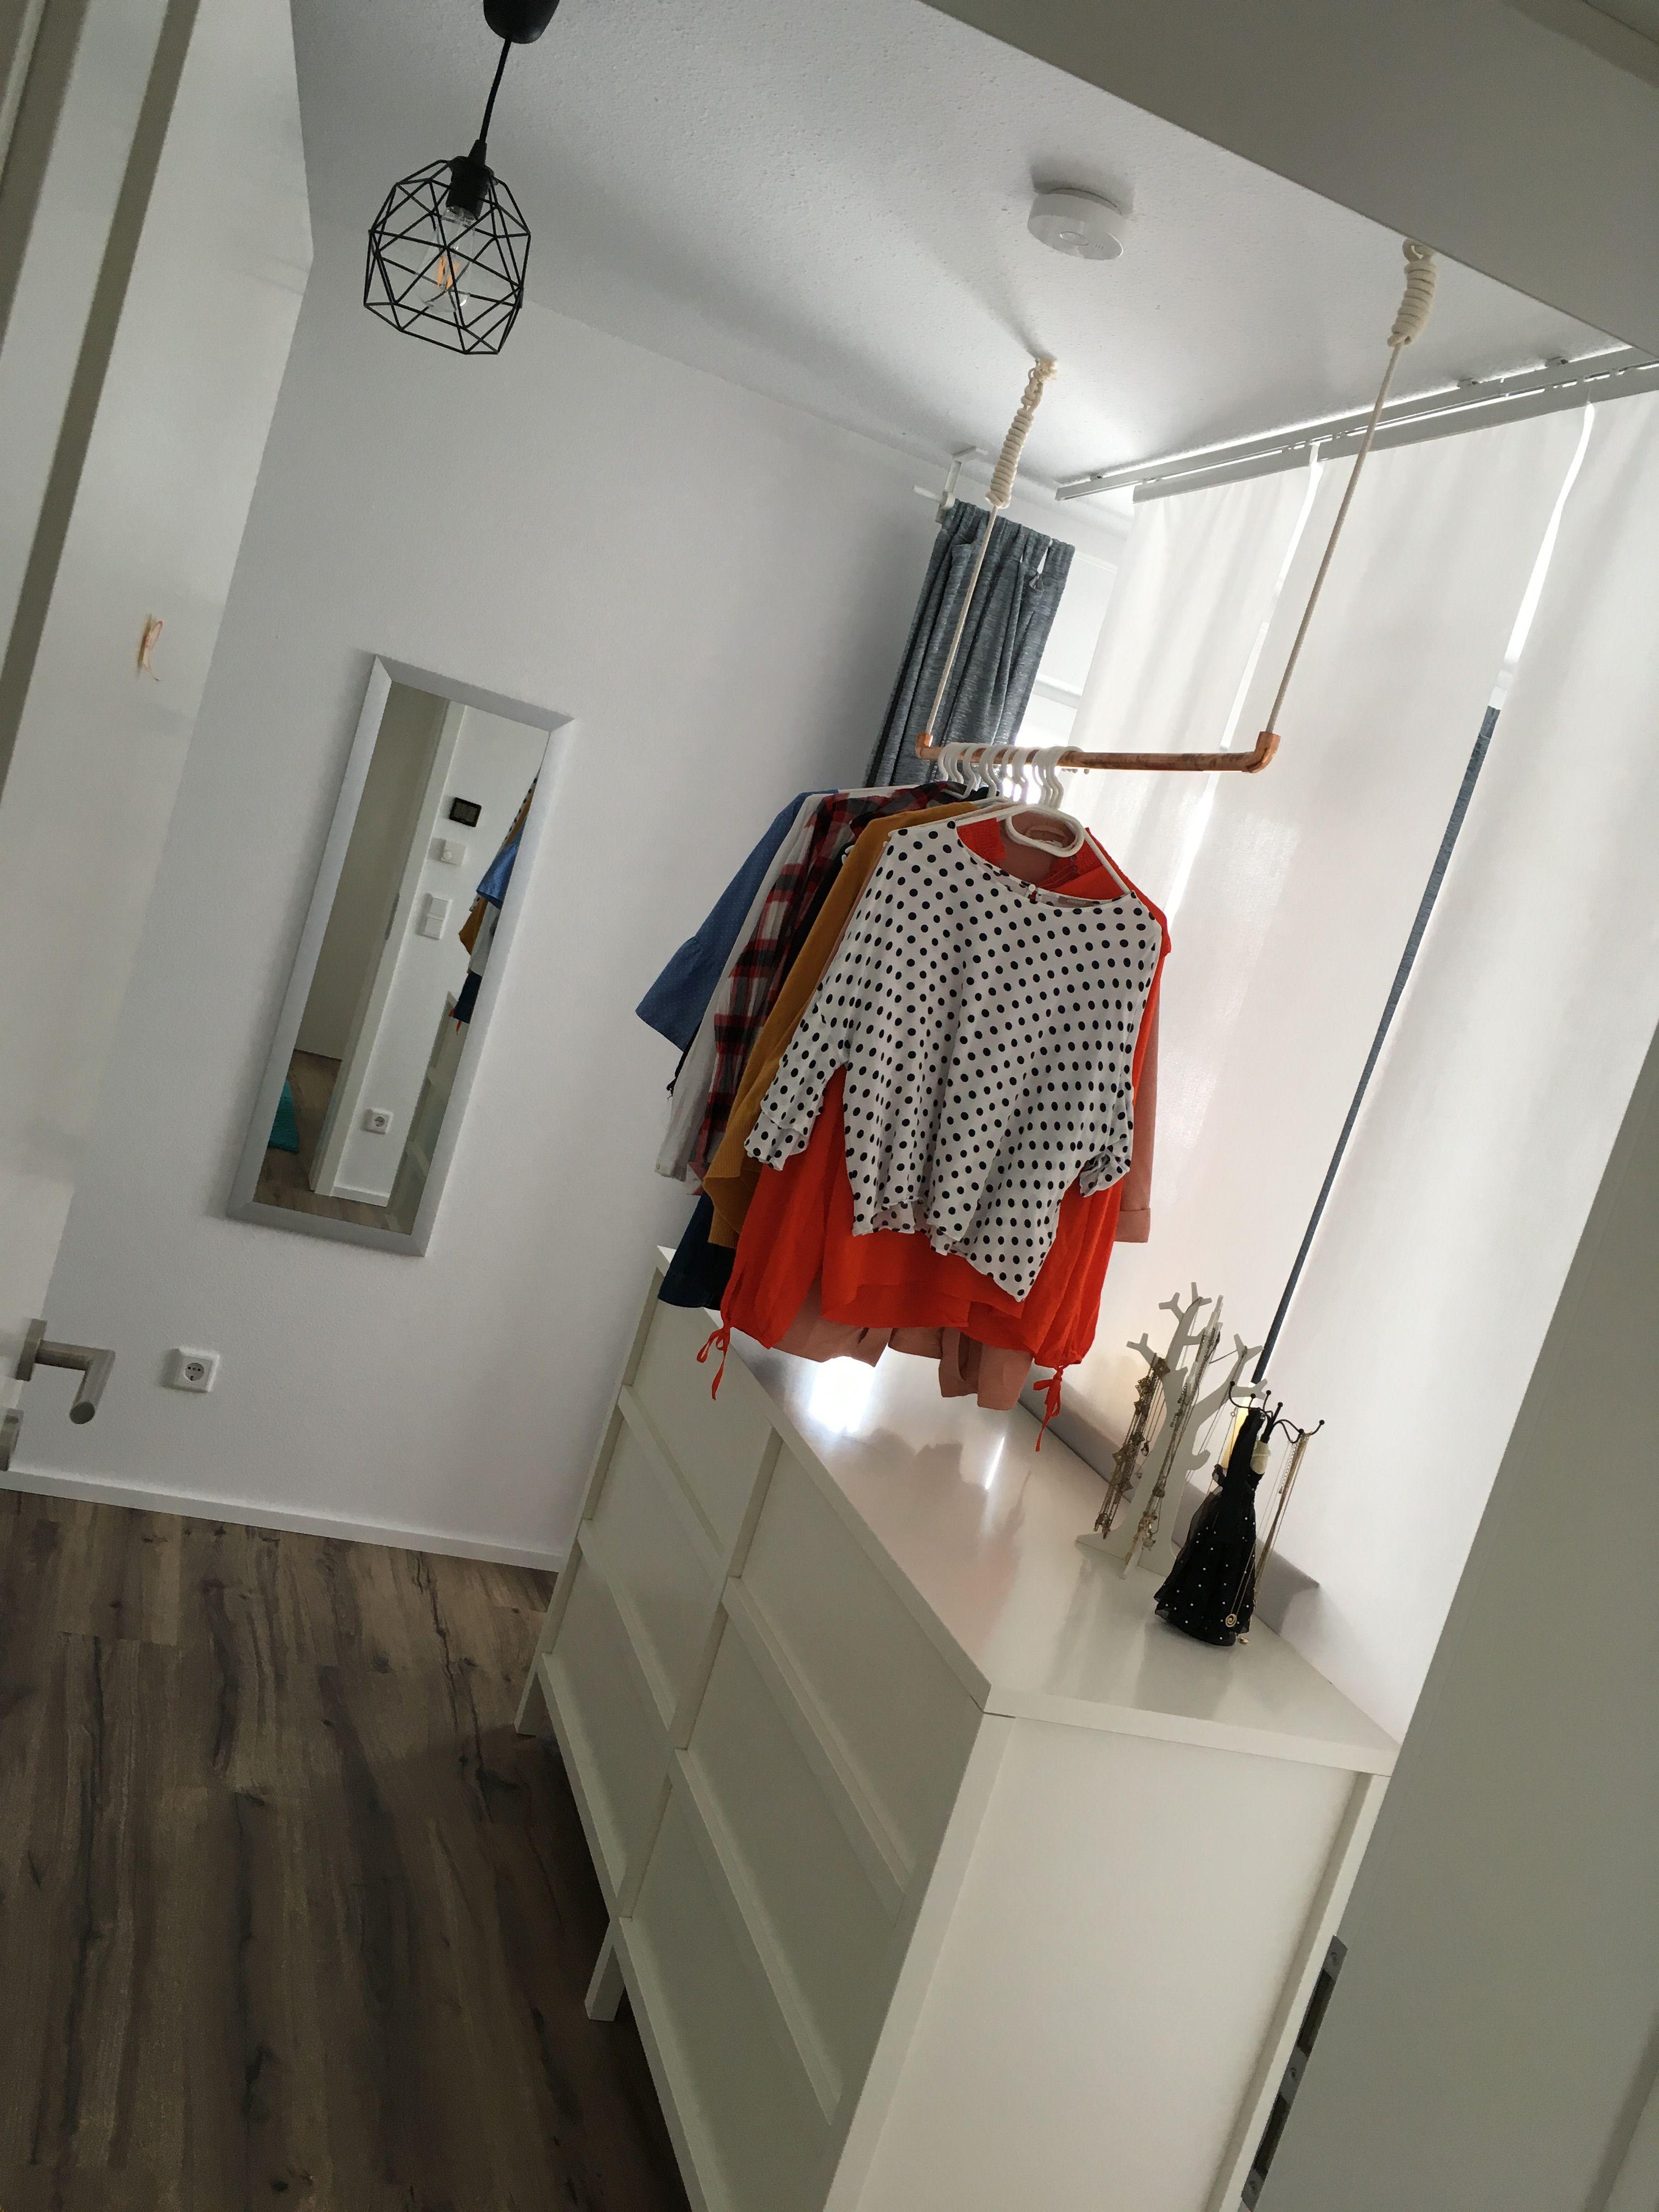 Begehbarer Kleiderschrank Mit Gardine Abgetrennt Zum Bett Home